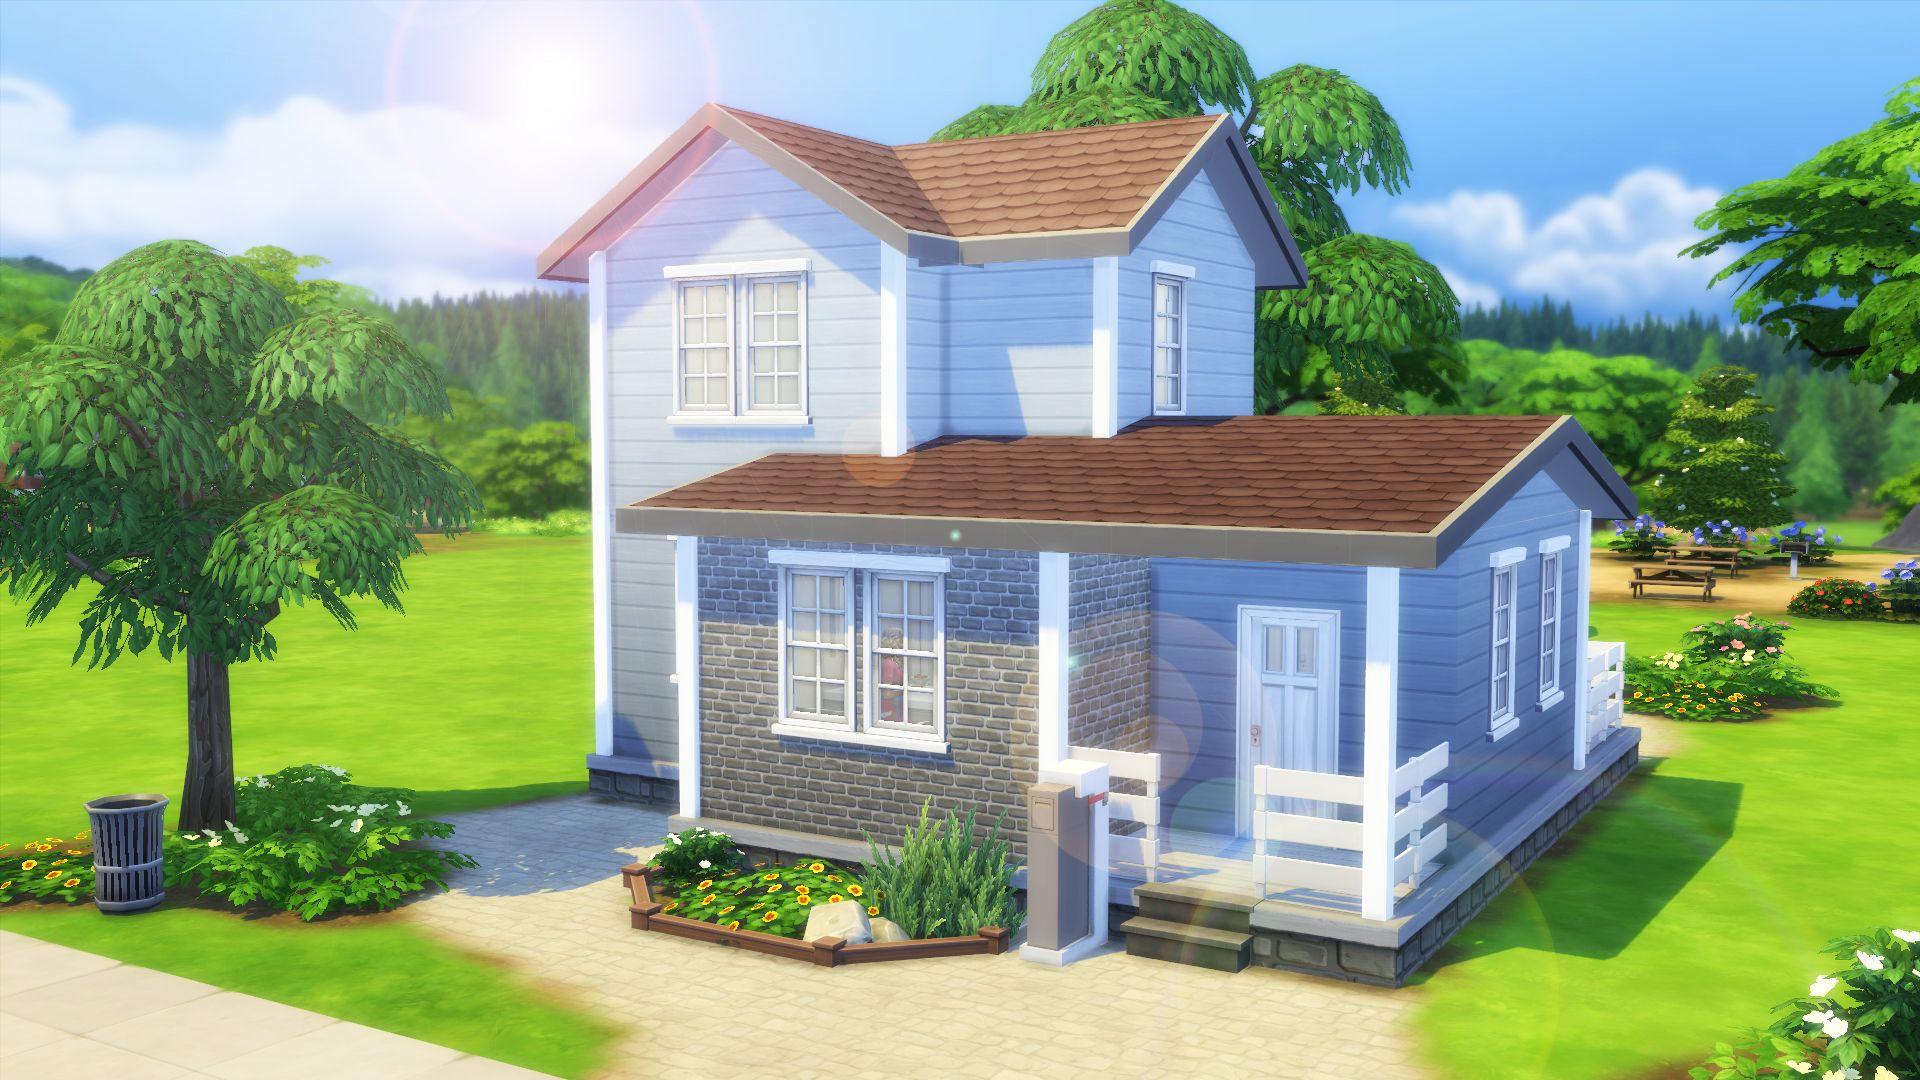 Oasis De Fraicheur Maison Sims Sims 4 Maison Sims